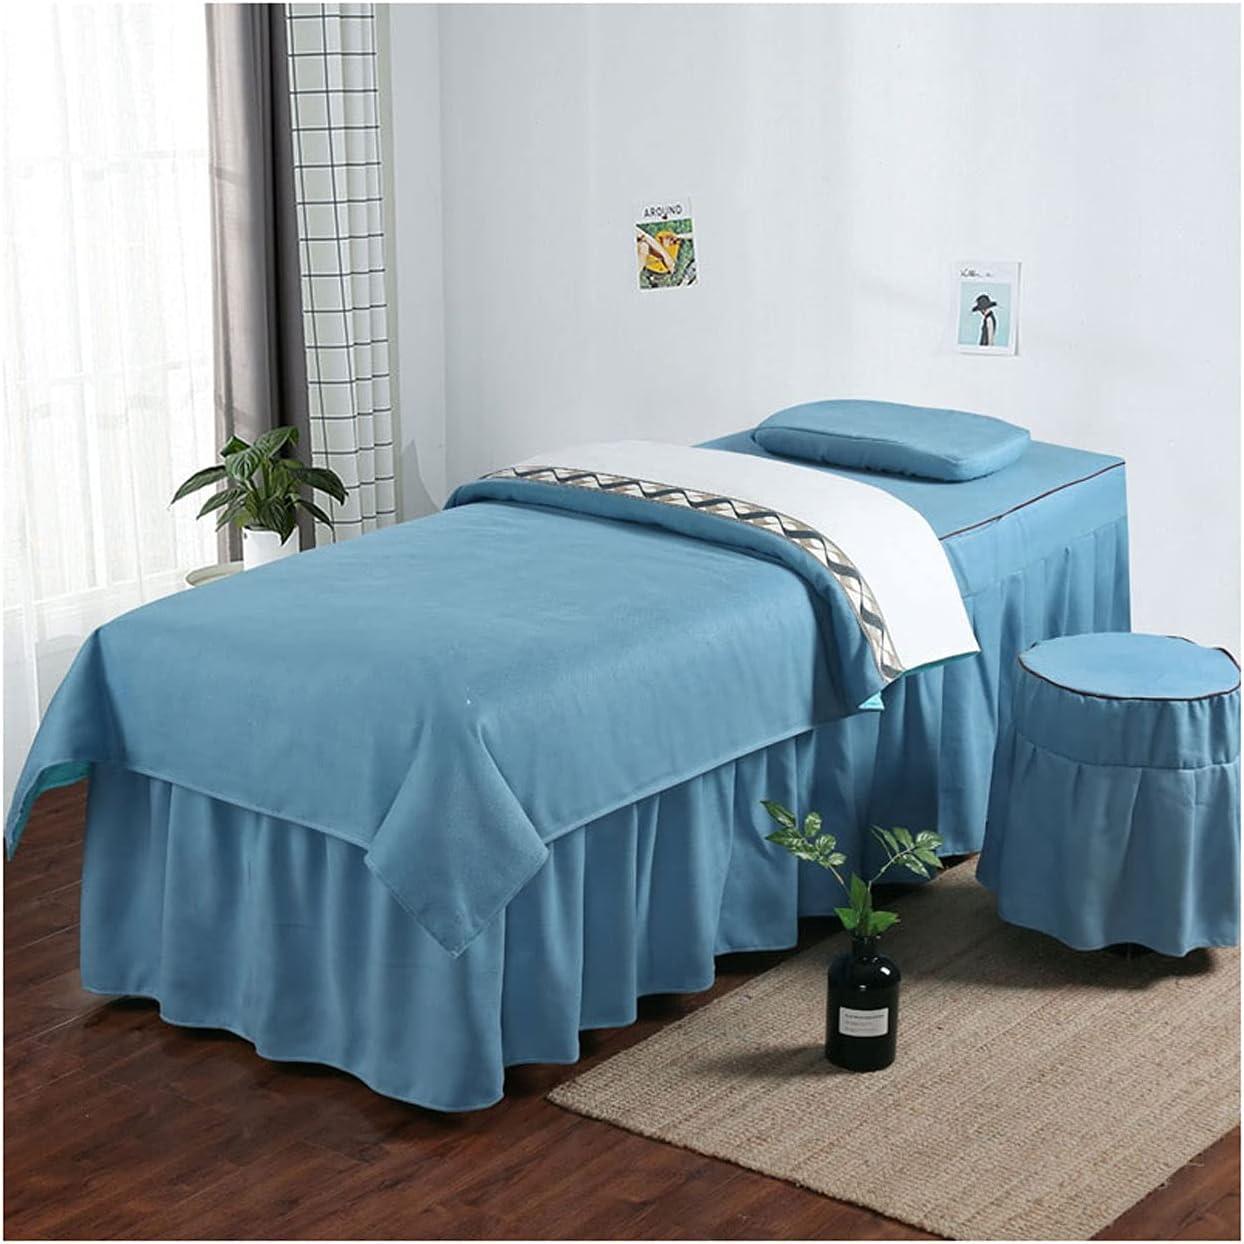 WANGLX Popular brand 4-Piece Massage Table Sheet New sales Set Skirt Four-P